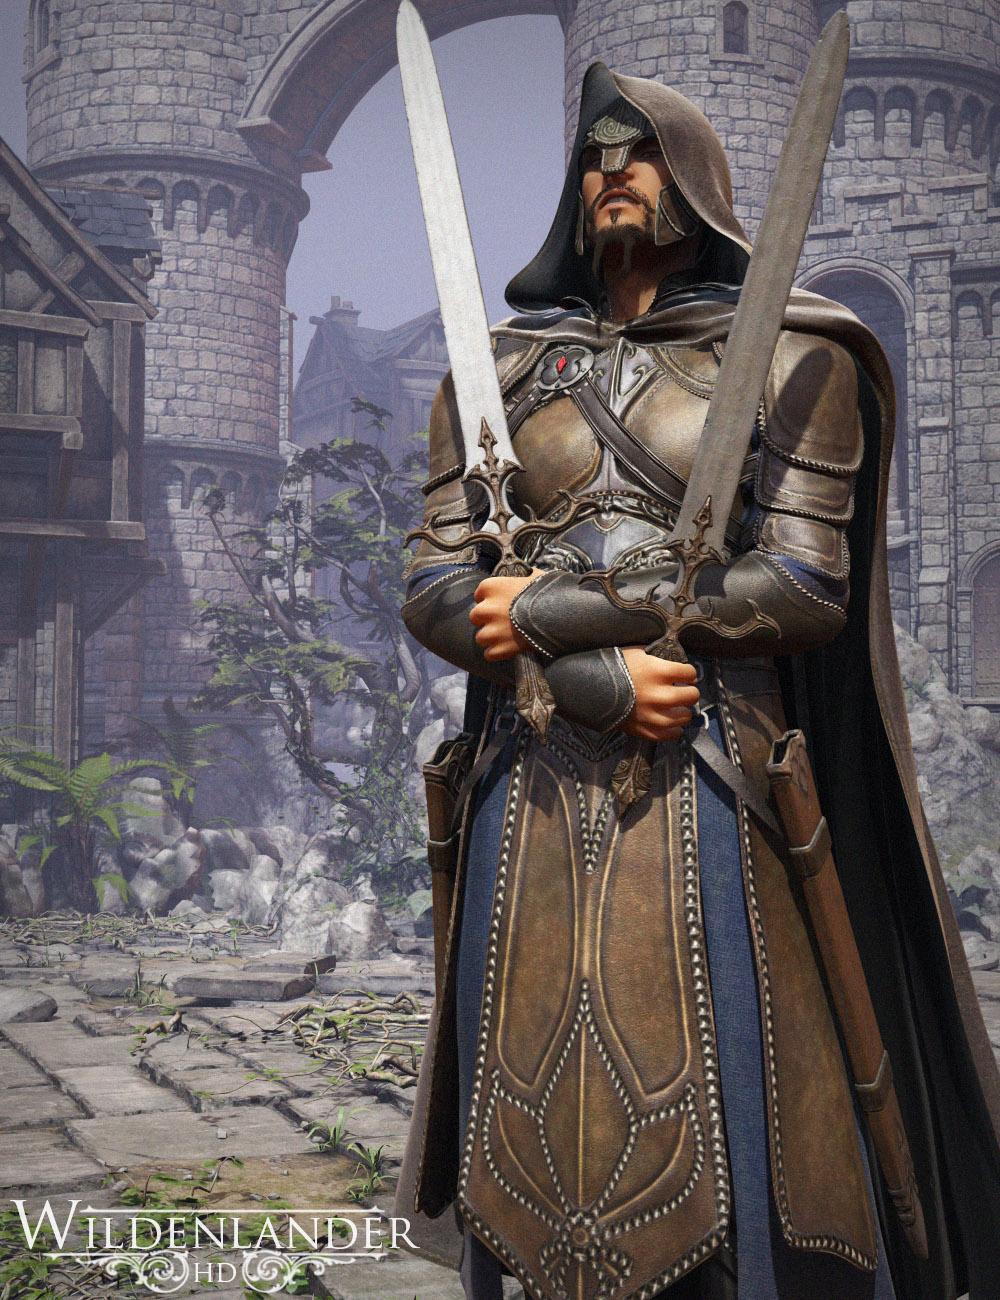 Wildenlander HD for Genesis 2 Male(s) by: Luthbel, 3D Models by Daz 3D